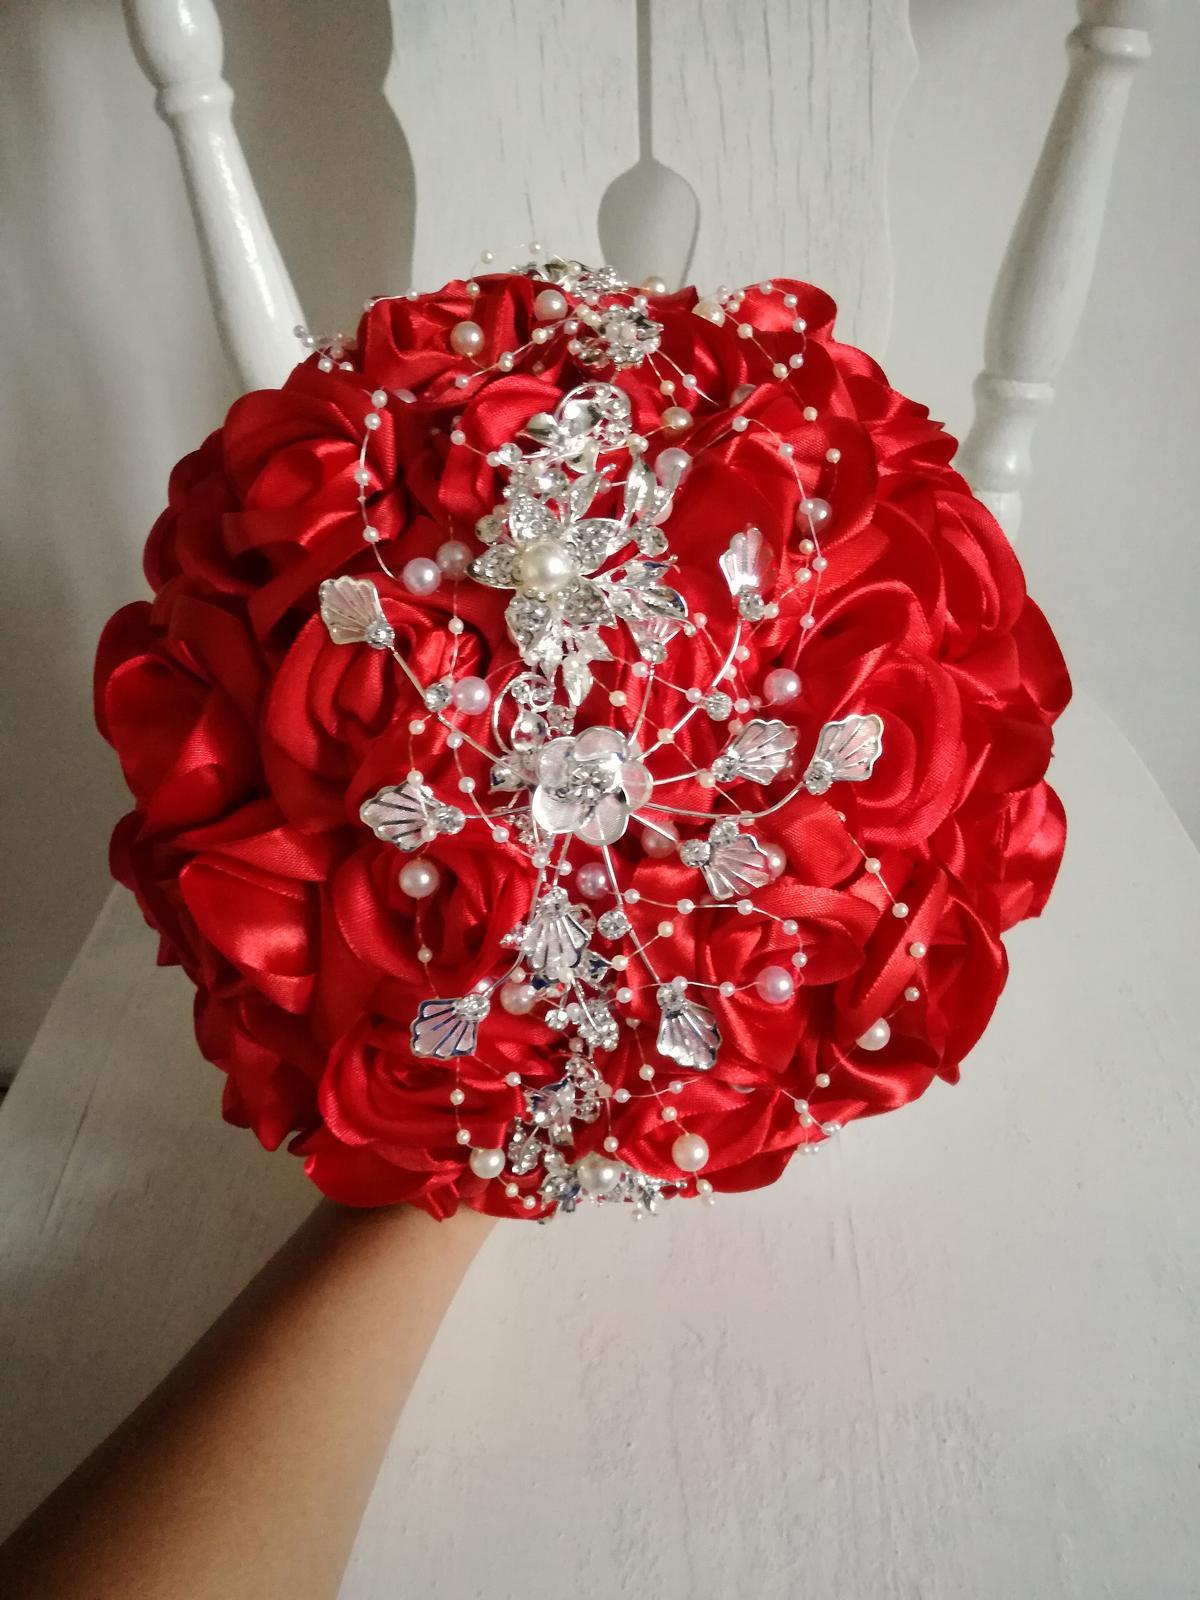 Červené ruže a šperk - Obrázok č. 1